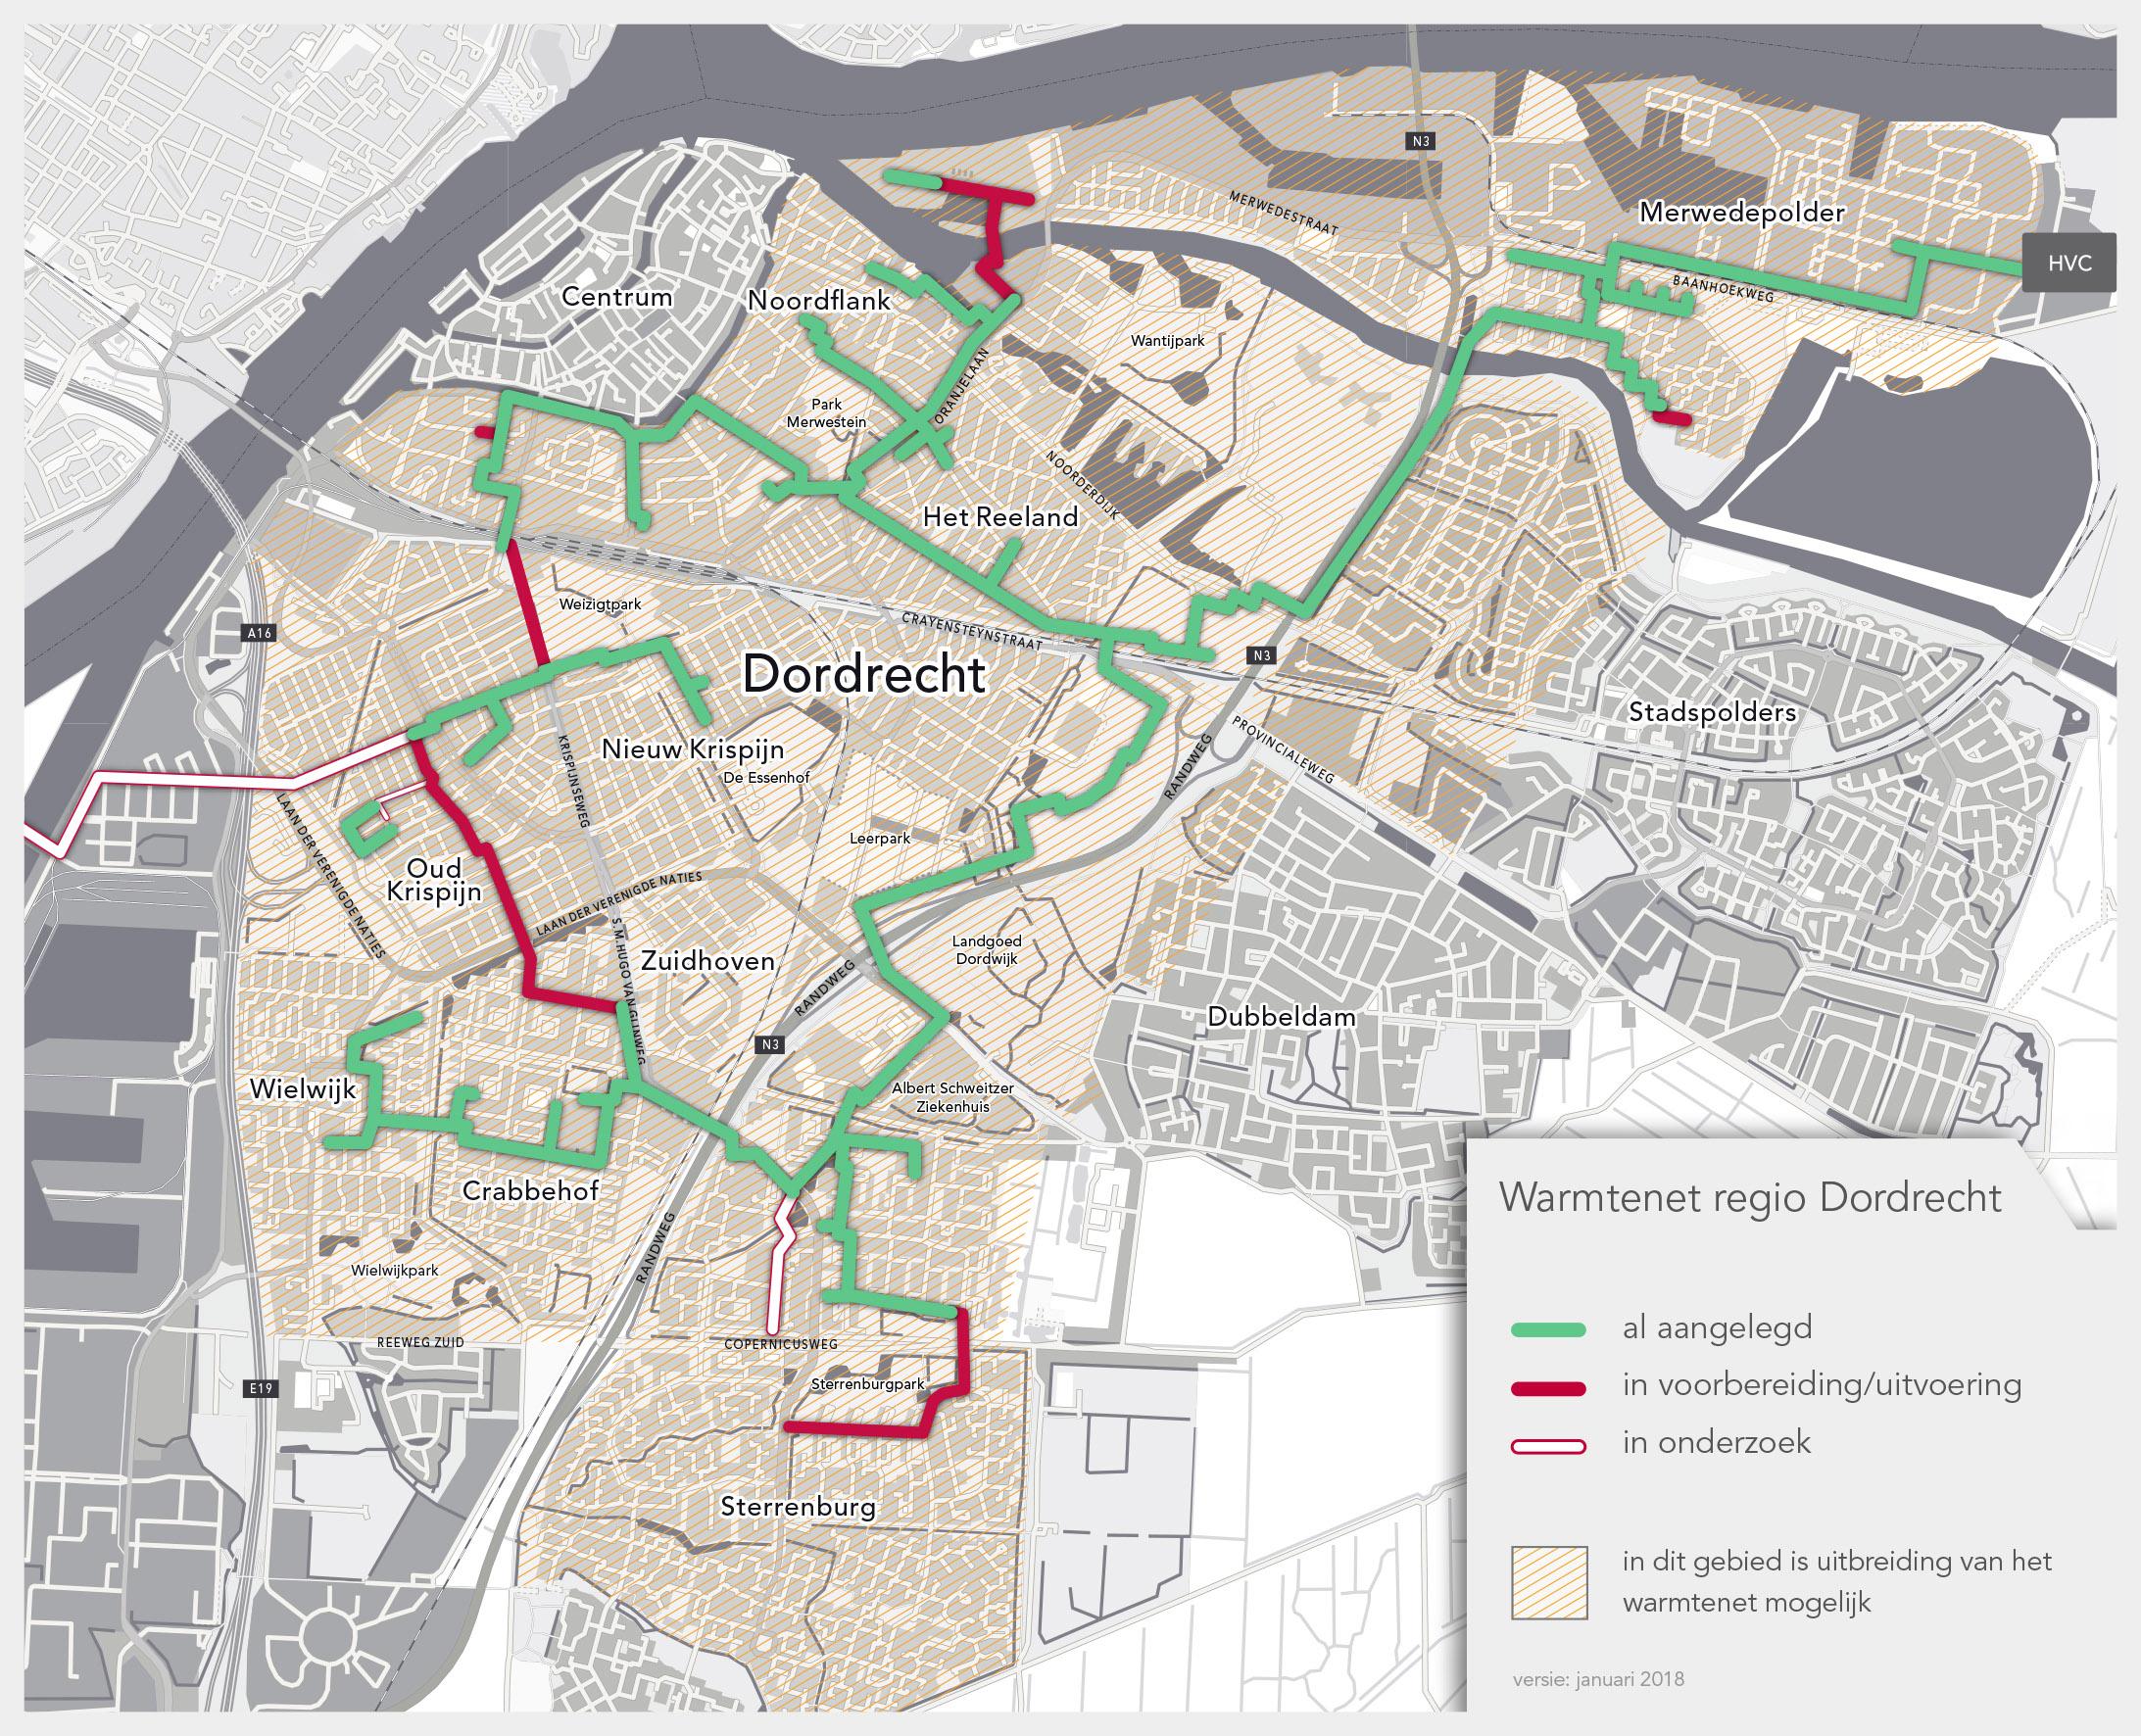 Overzichtskaart Warmtenet Dordrecht